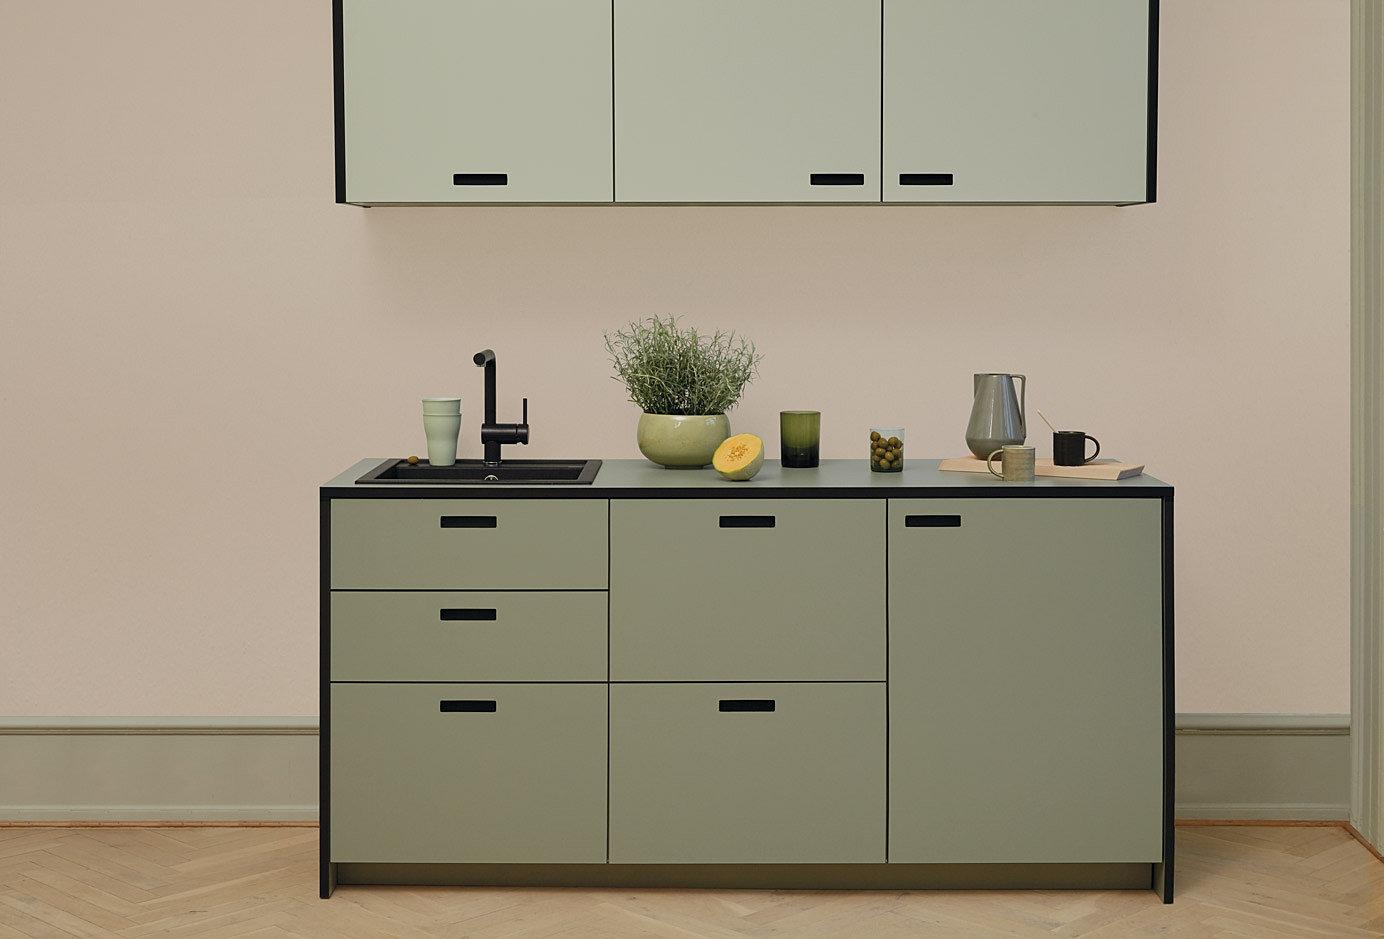 Ikea køkken fronter   &shufl